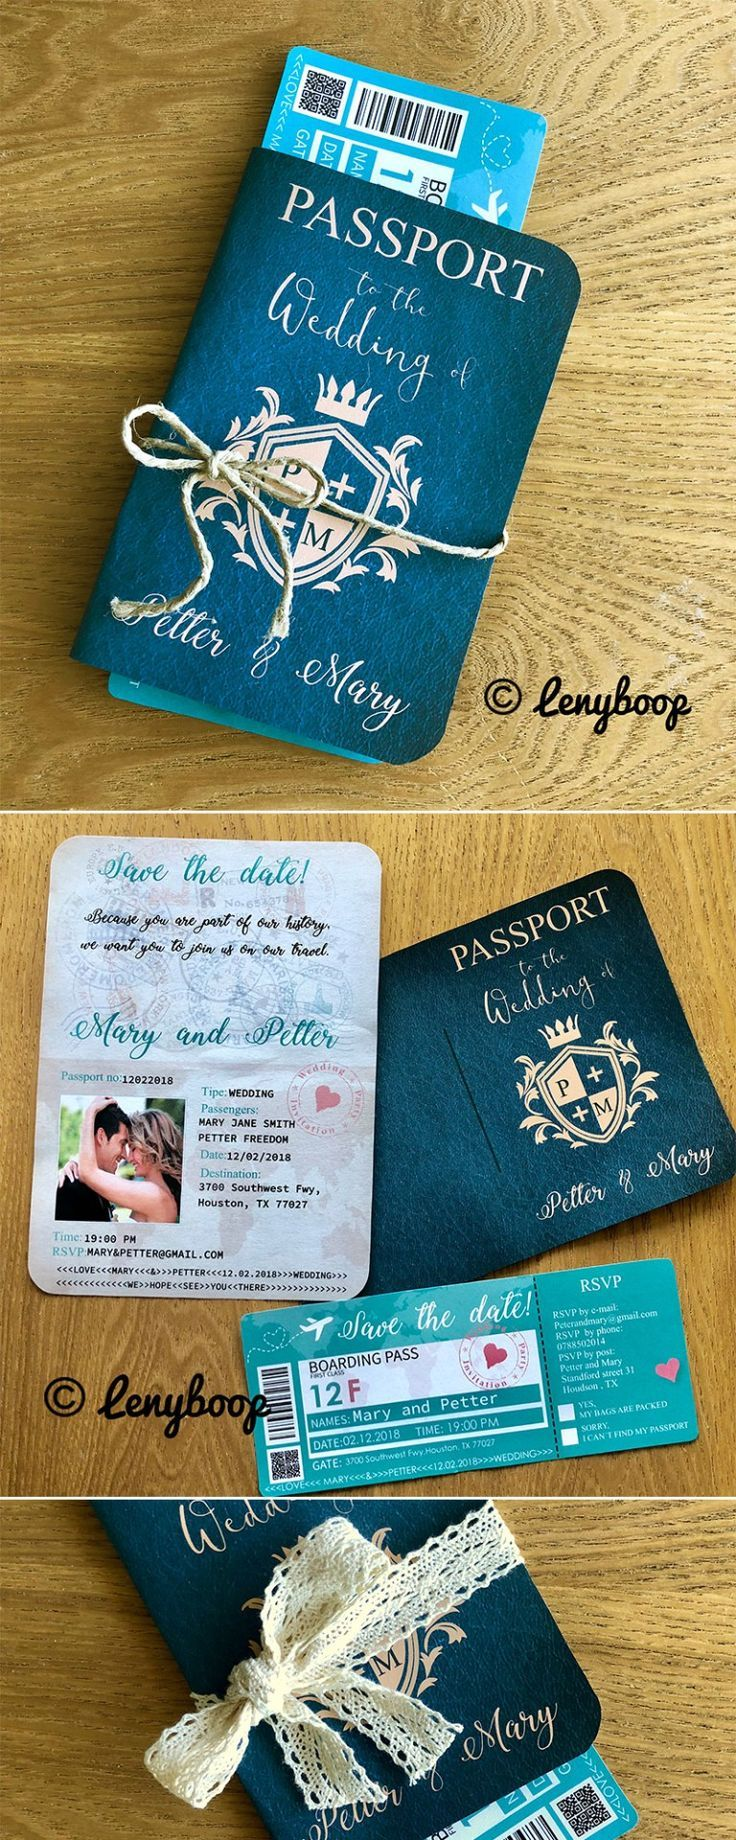 42 Best of Travel Hochzeitseinladungen – Hochzeitspass   Forevermorebling   … - Zur Hochzeit #ceremonyideas